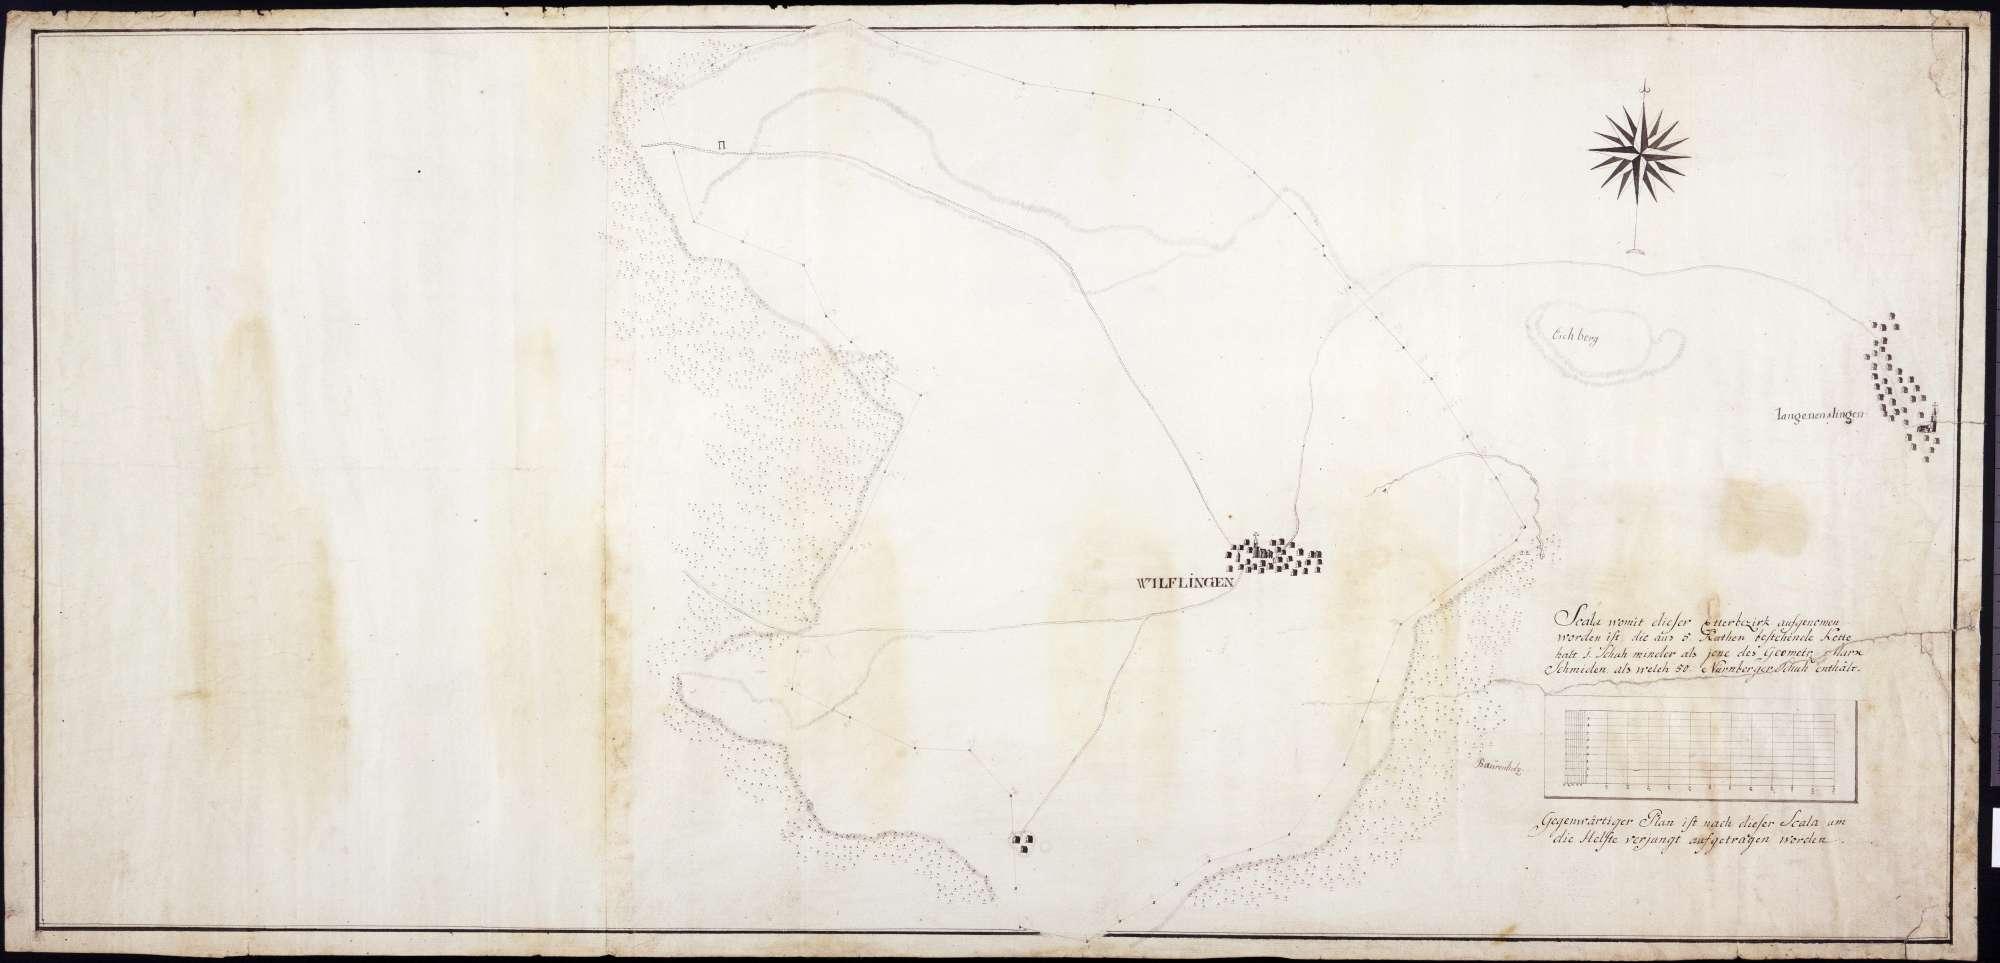 Lageplan des Etters von Wilflingen, Bild 1